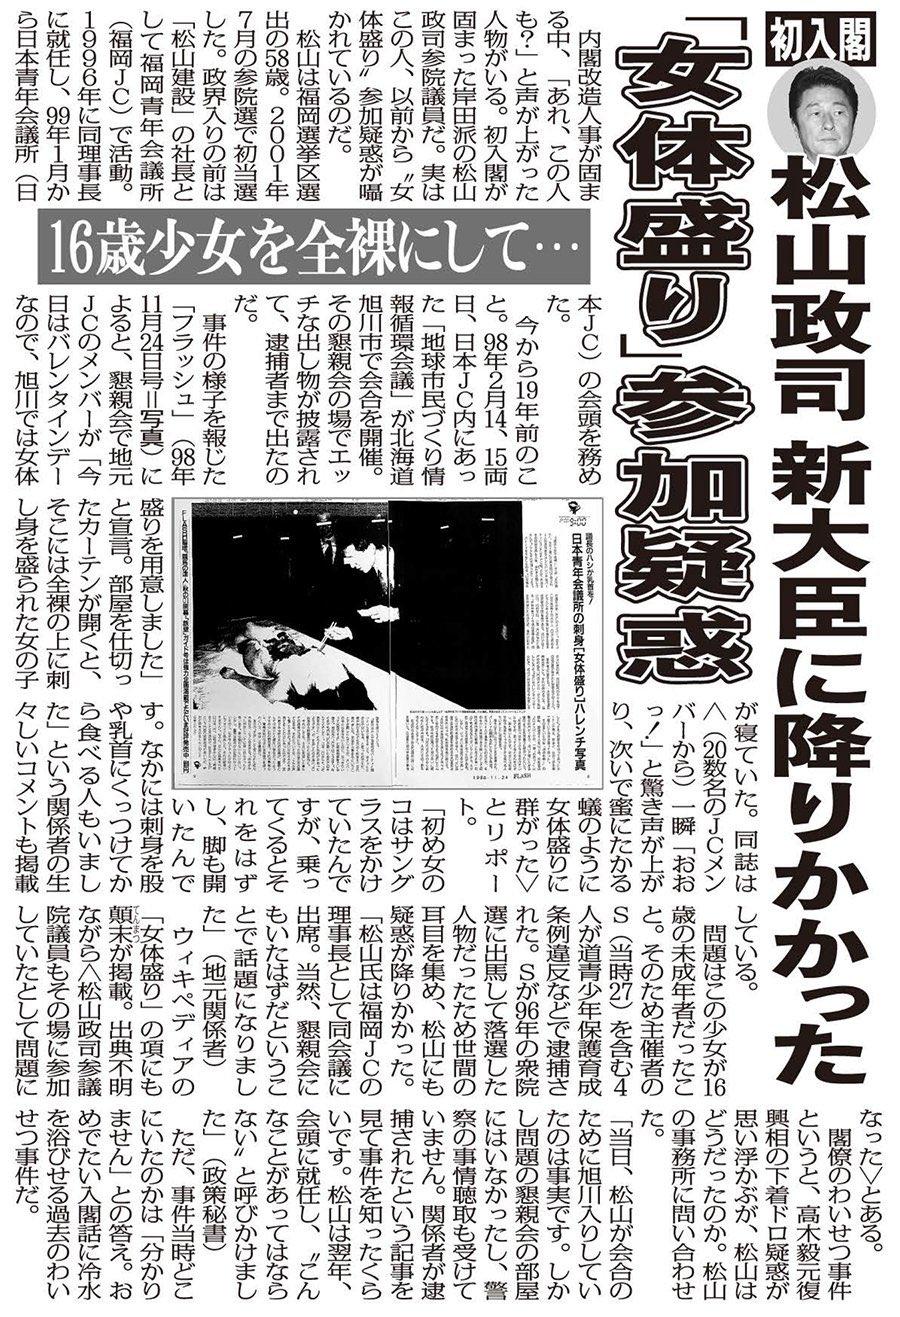 初入閣の松山政司一億総活躍相に「女体盛り参加疑惑」!?本人は参加を否定!政策秘書「問題の懇親会には参加していない」